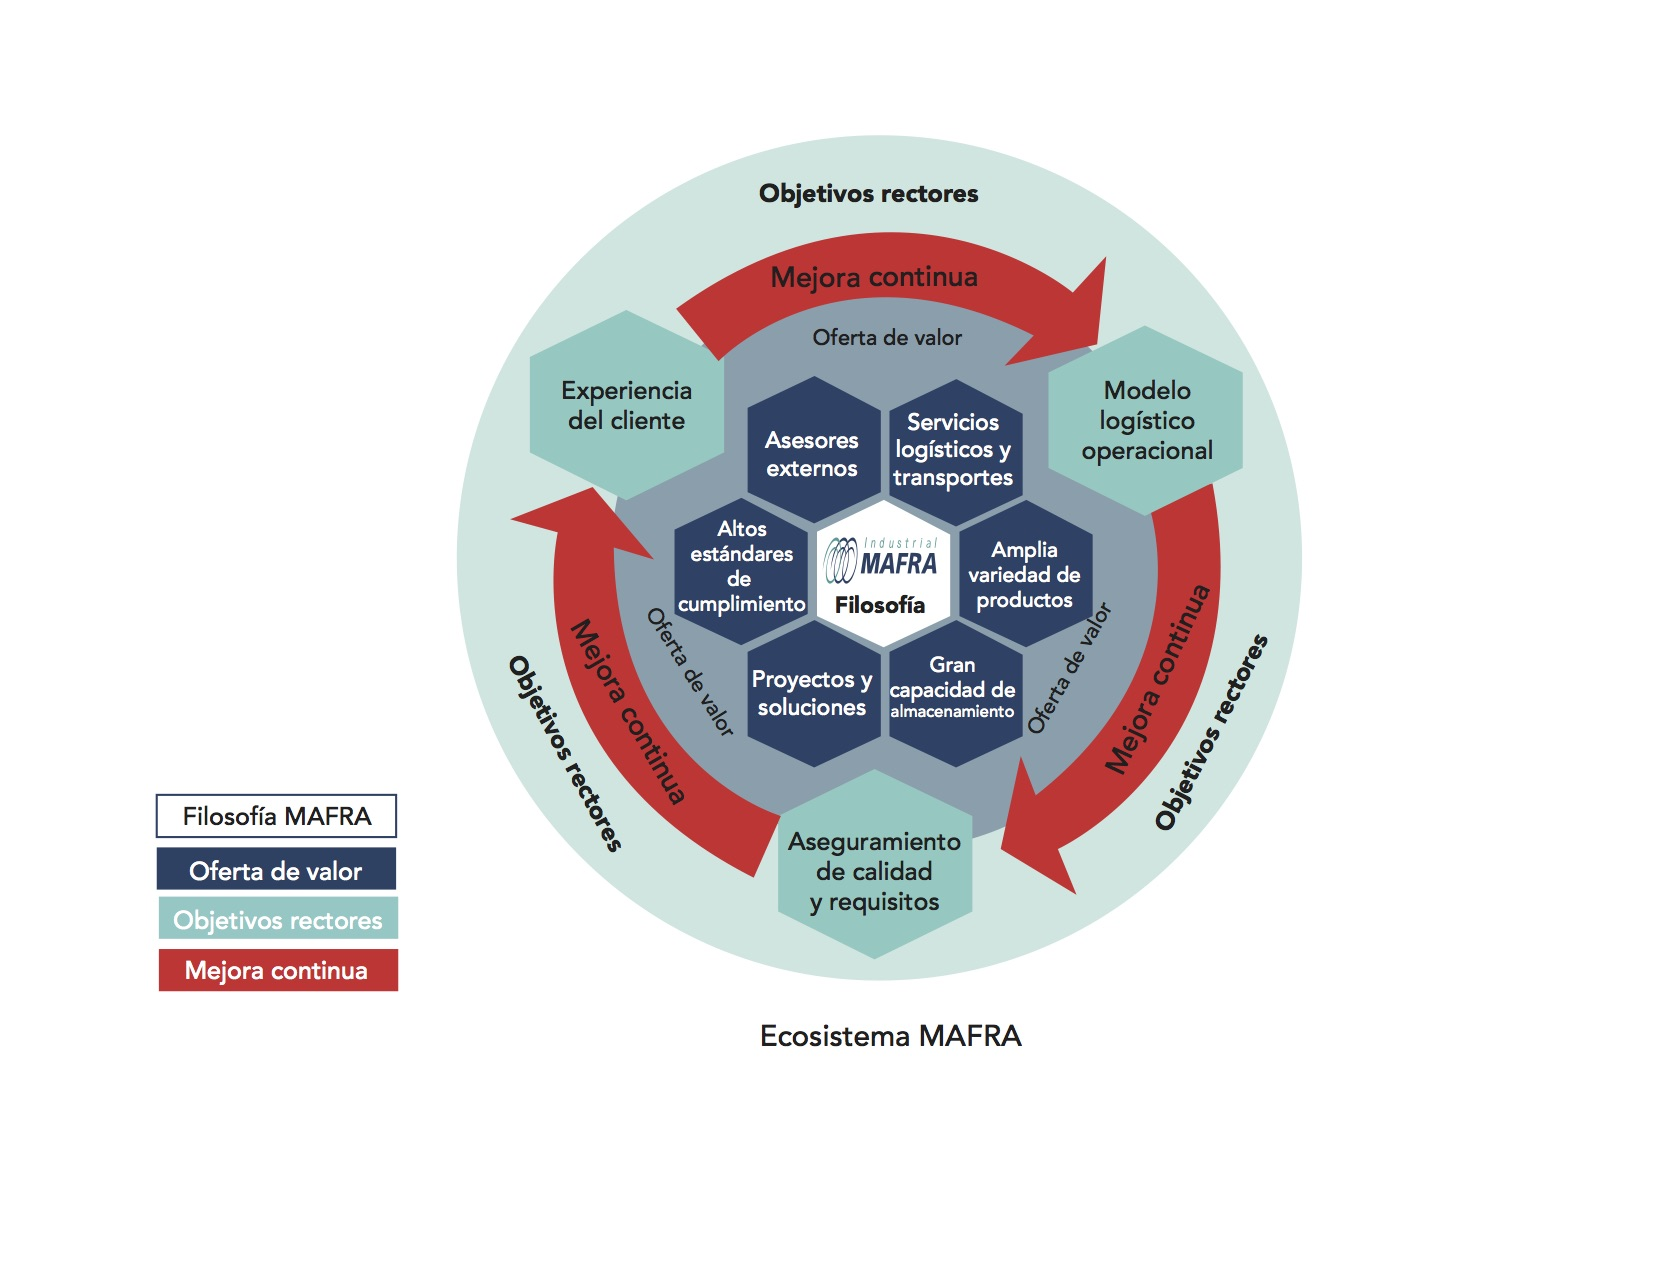 El ecosistema MAFRA - Mejora continua - resinas plásticas